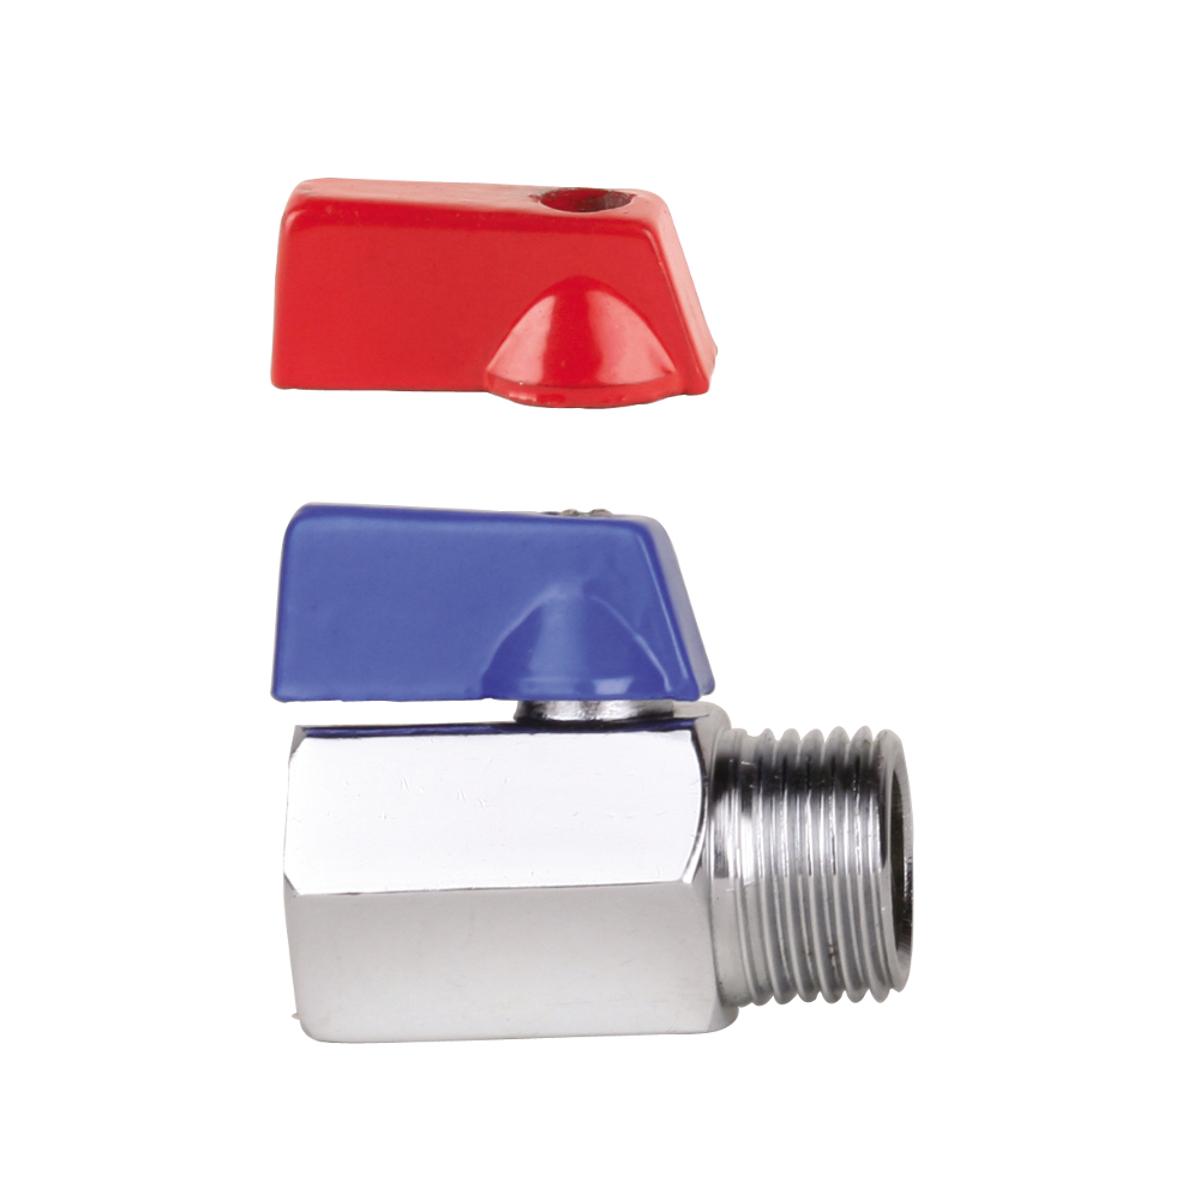 Кран-мини 1/2, резьба внутренняя / наружная, ручка флажок AQUALINKИС.080341Кран-мини 1/2, резьба внутренняя / наружная, ручка флажок предназначен для систем питьевого холодного и горячего водоснабжения, отопления, систем сжатого воздуха, жидких углеводородов, а также для технологических трубопроводов, транспортирующих жидкости, не агрессивные к материалам крана. Рекомендуется поворачивать ручку крана не меньше одного раза в 3 месяца для предотвращения образования солей кальция. Использование шаровых кранов в качестве регулирующей арматуры не допускается. Минимальные размеры позволяют инсталлировать краны в условиях ограниченного пространства.Диаметр: 1/2 (15 мм).